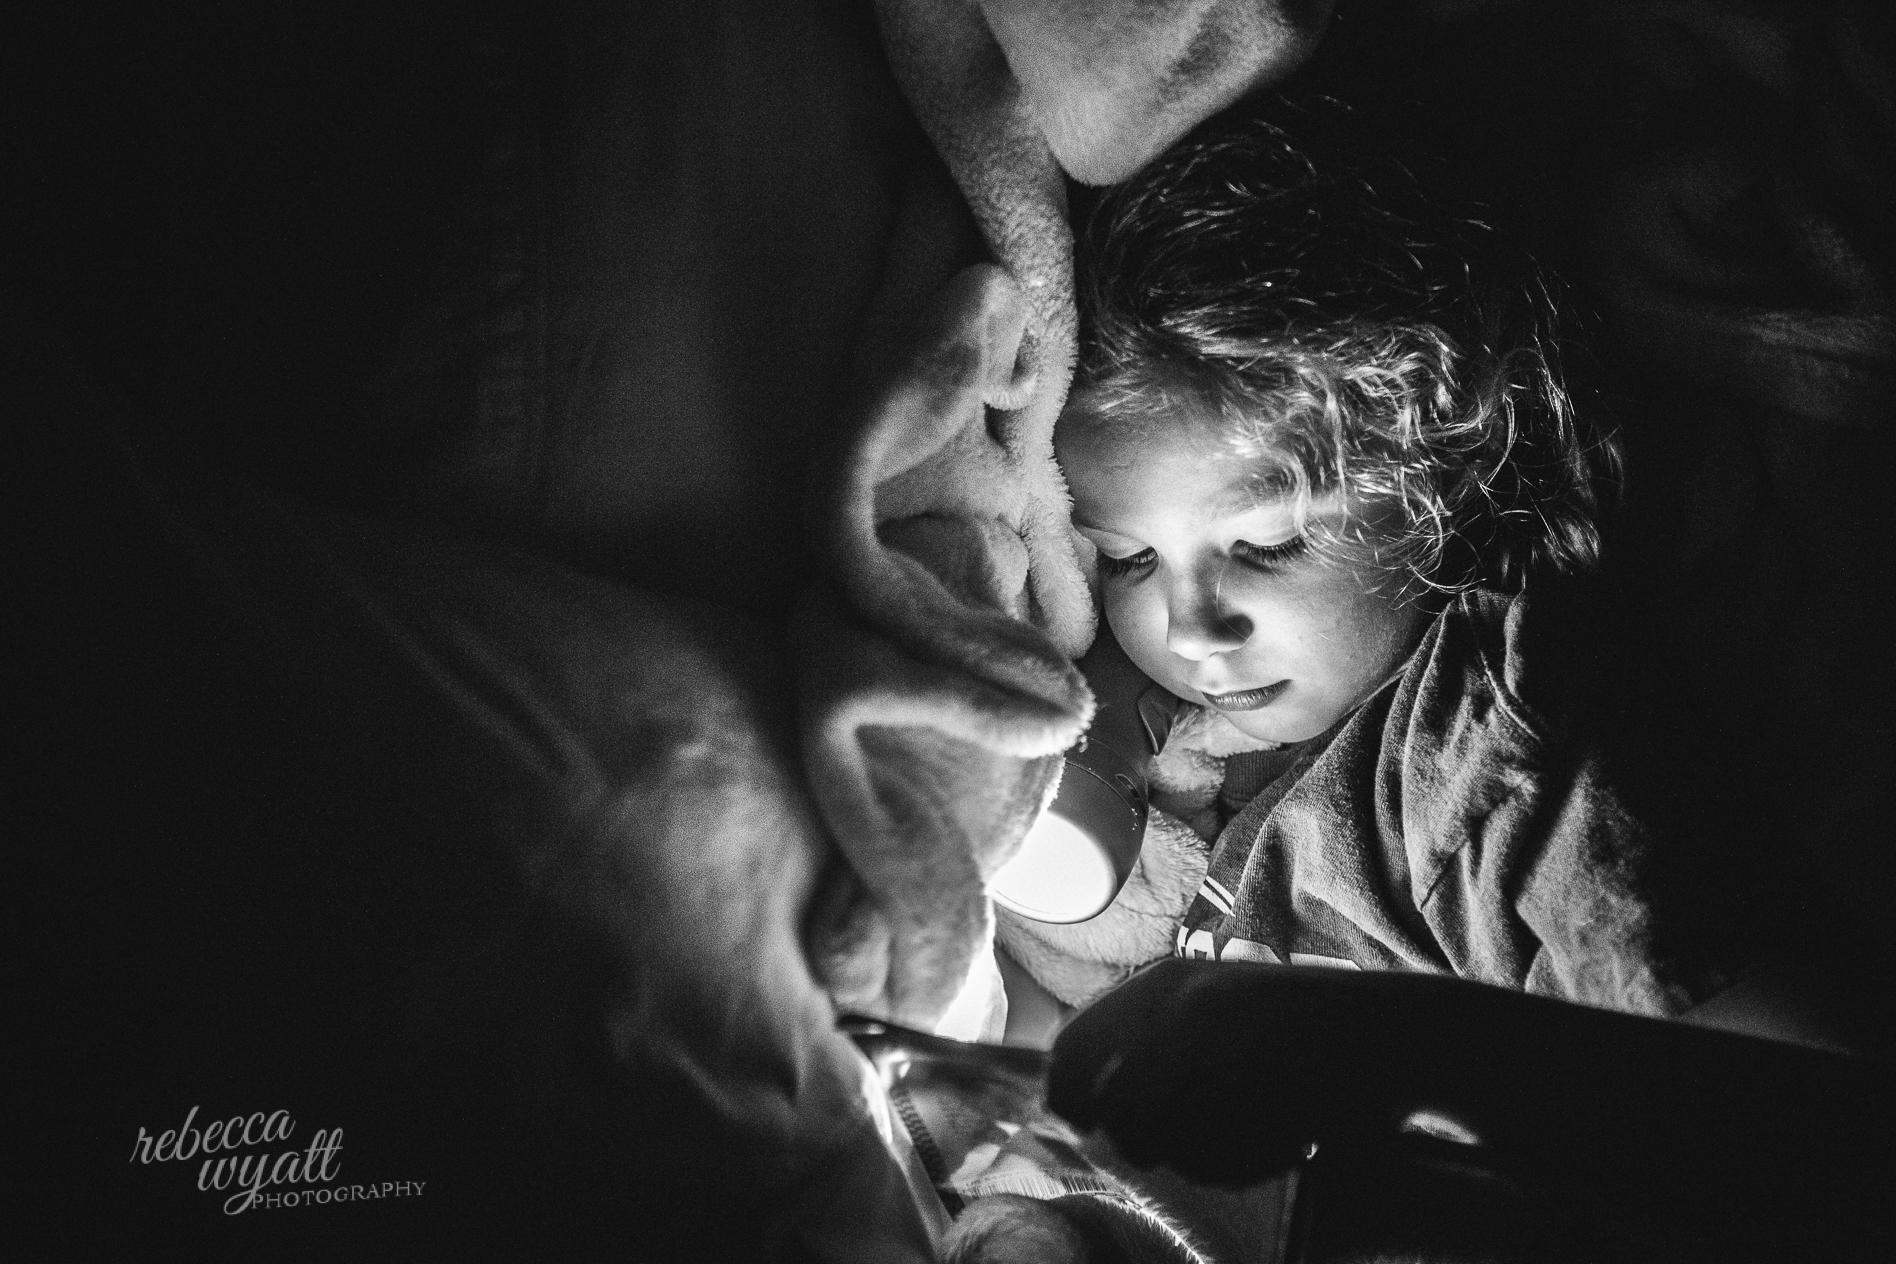 Rebecca Wyatt Photography 365 Update  (1 of 11)